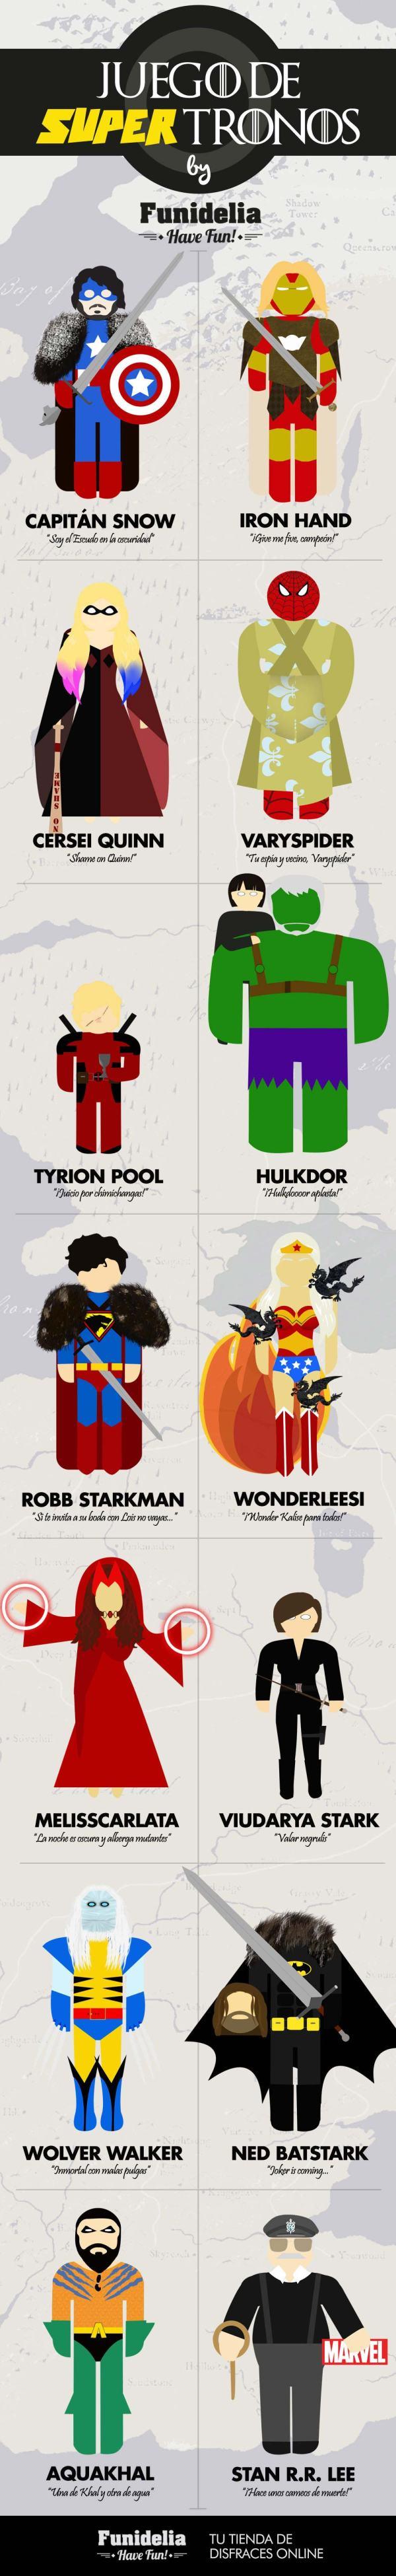 infografia-juego-super-tronos